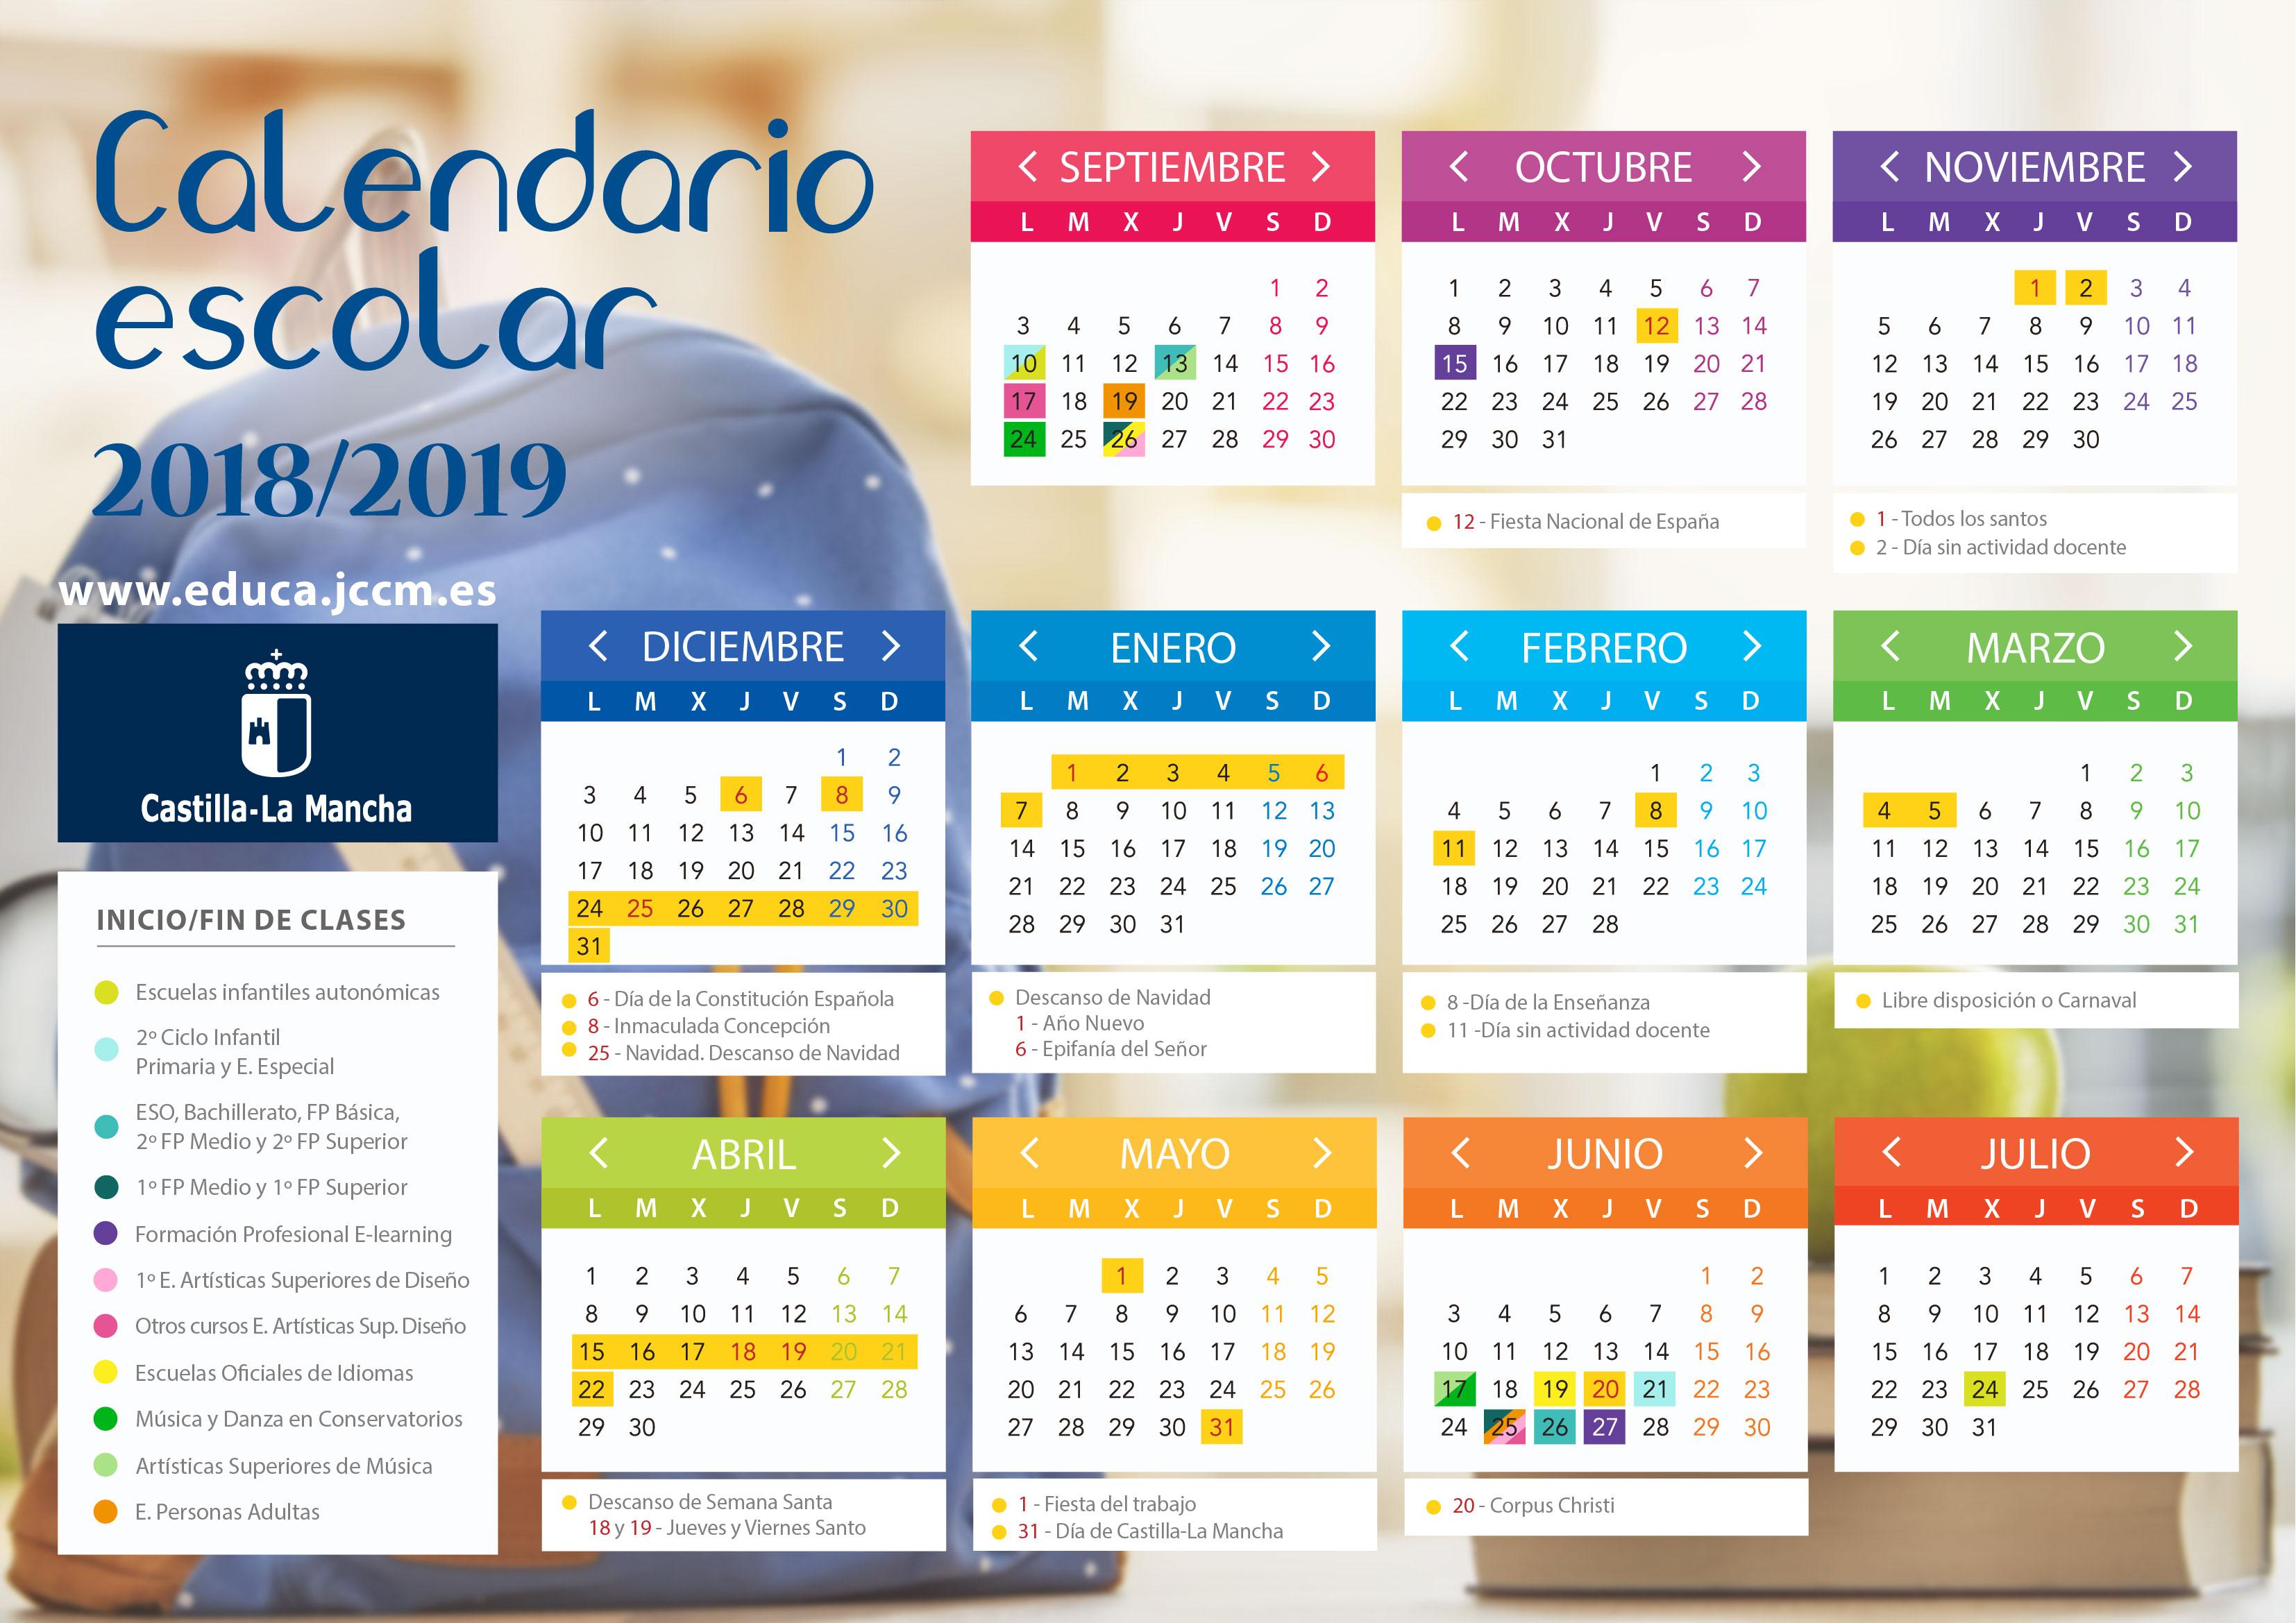 Calendario Escolar CLM 2018_19